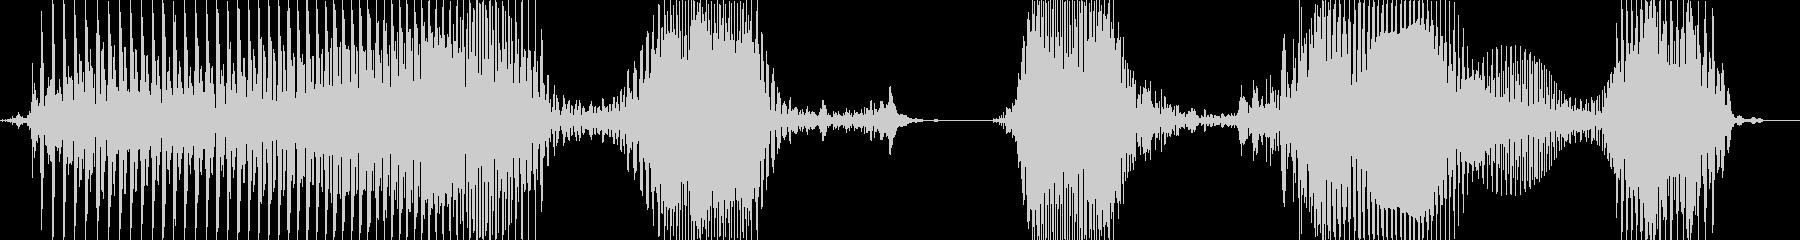 パーフェクトコンボ!の未再生の波形